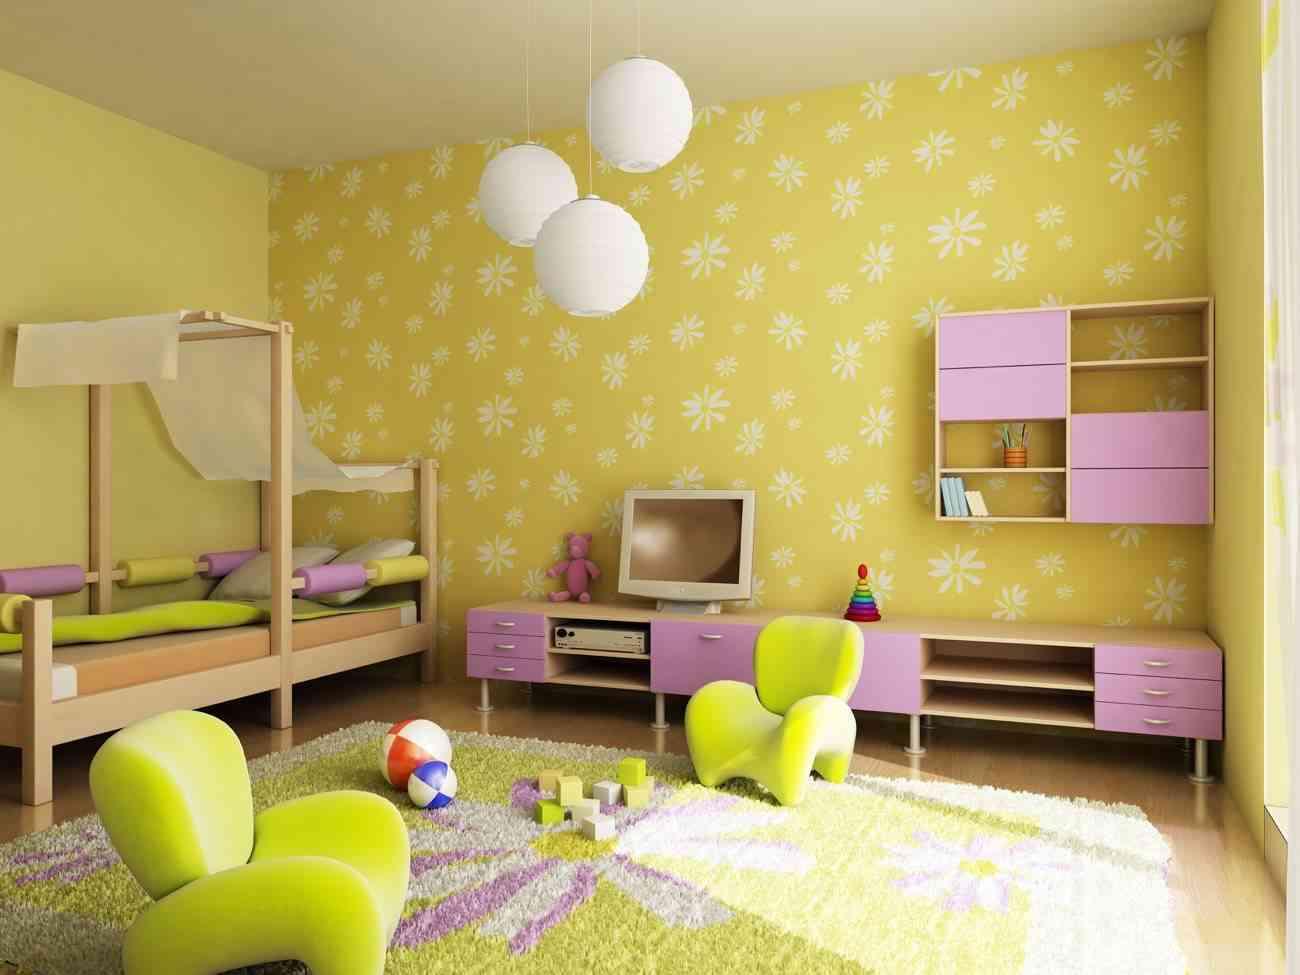 Muebles para piso peque o muy econ micos for Muebles decoracion baratos